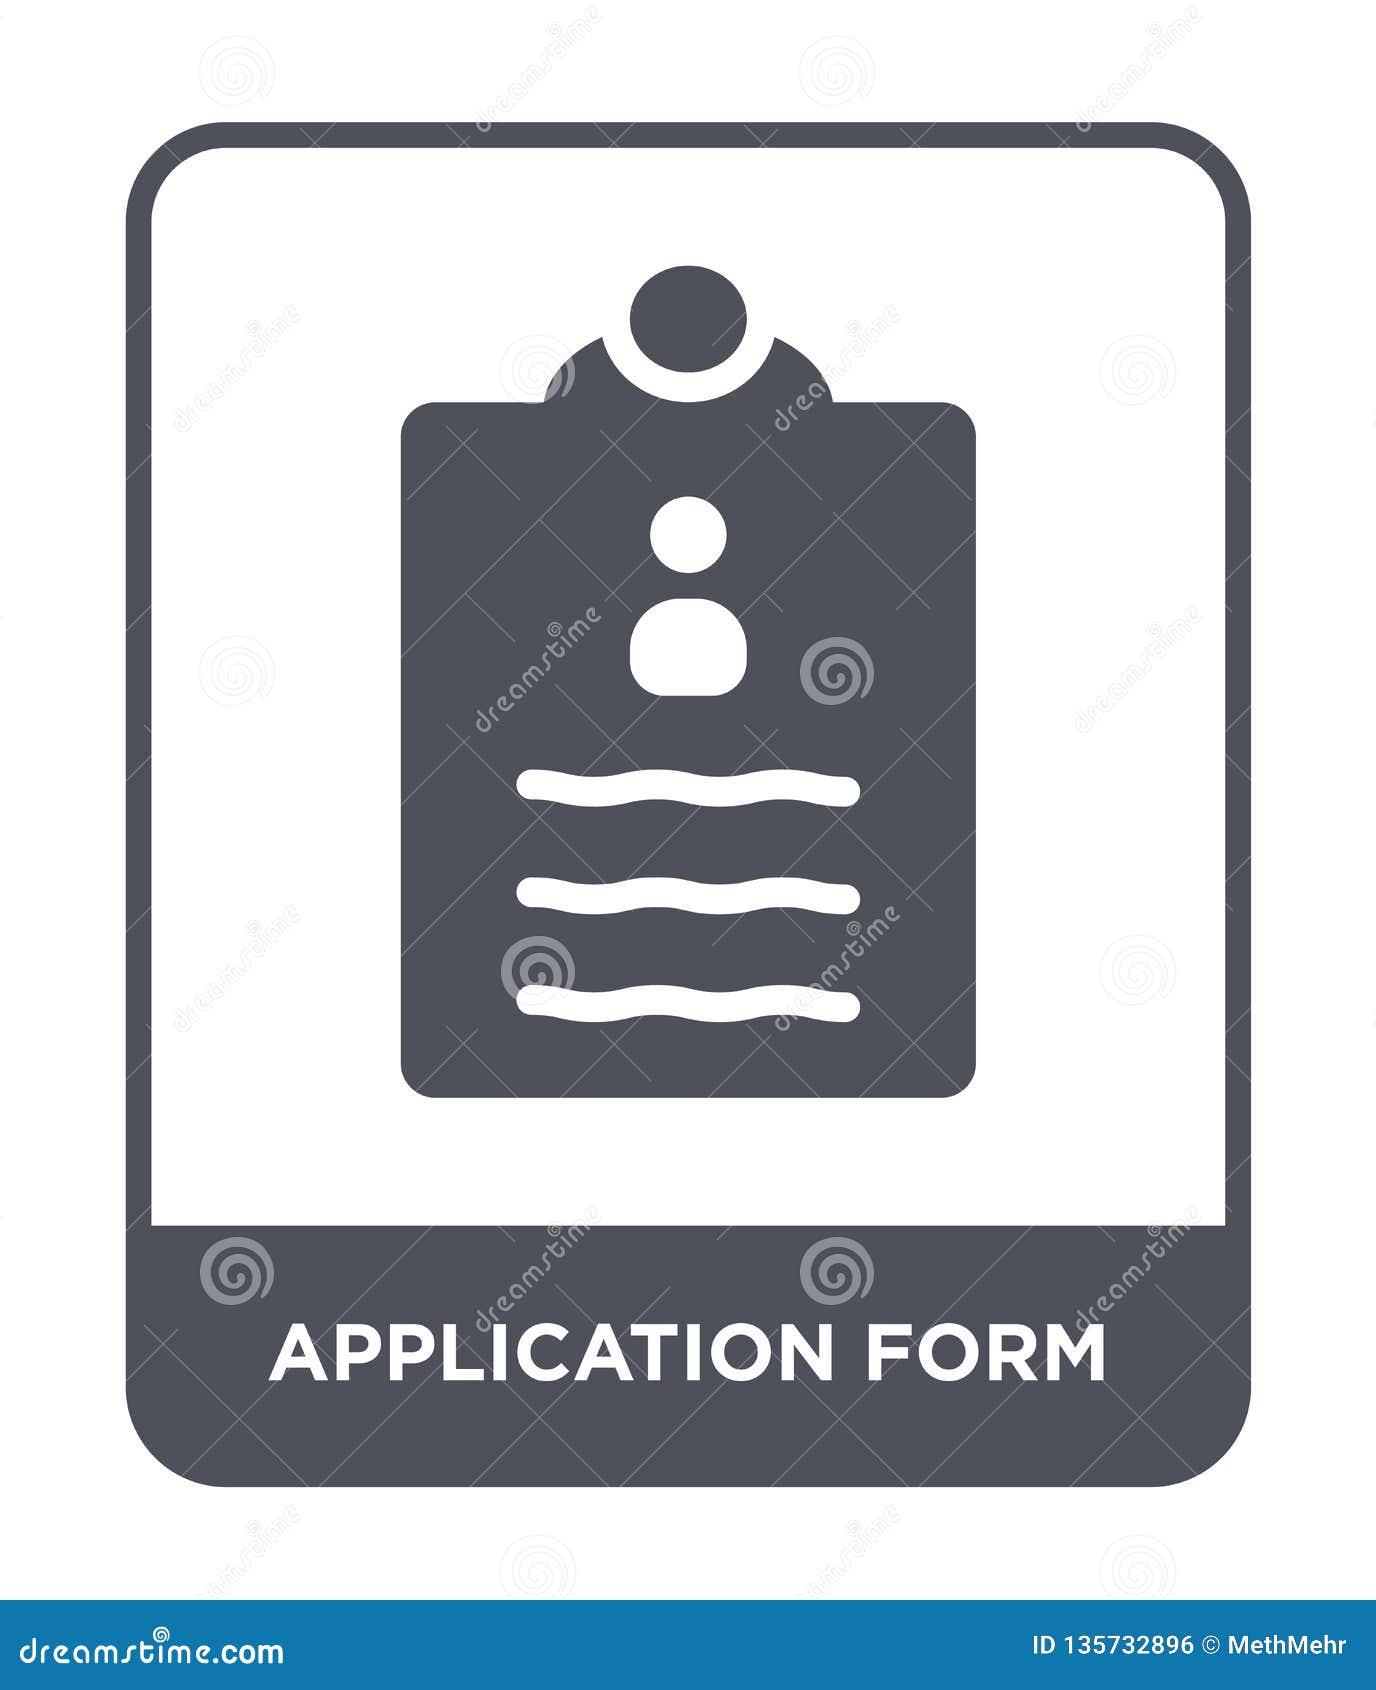 εικονίδιο αίτησης υποψηφιότητας στο καθιερώνον τη μόδα ύφος σχεδίου Εικονίδιο αίτησης υποψηφιότητας που απομονώνεται στο άσπρο υπ